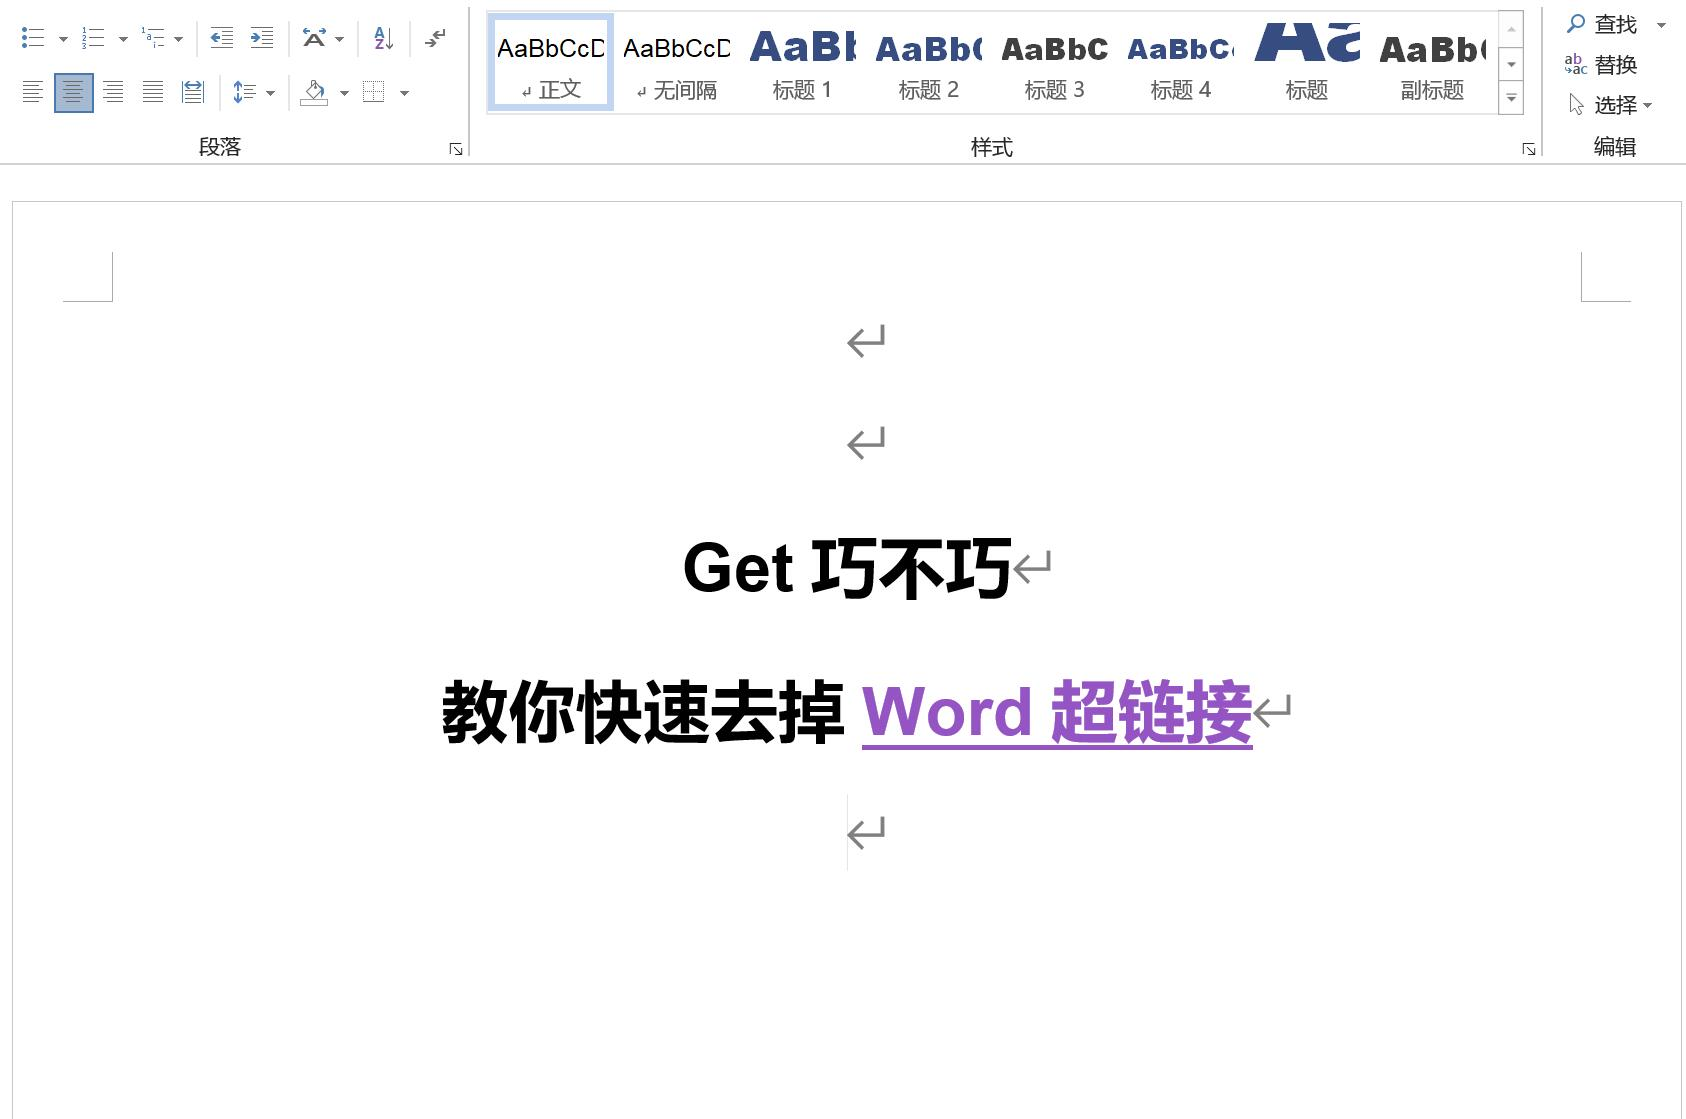 Word快速去掉所有URL超链接和下划线并统一颜色